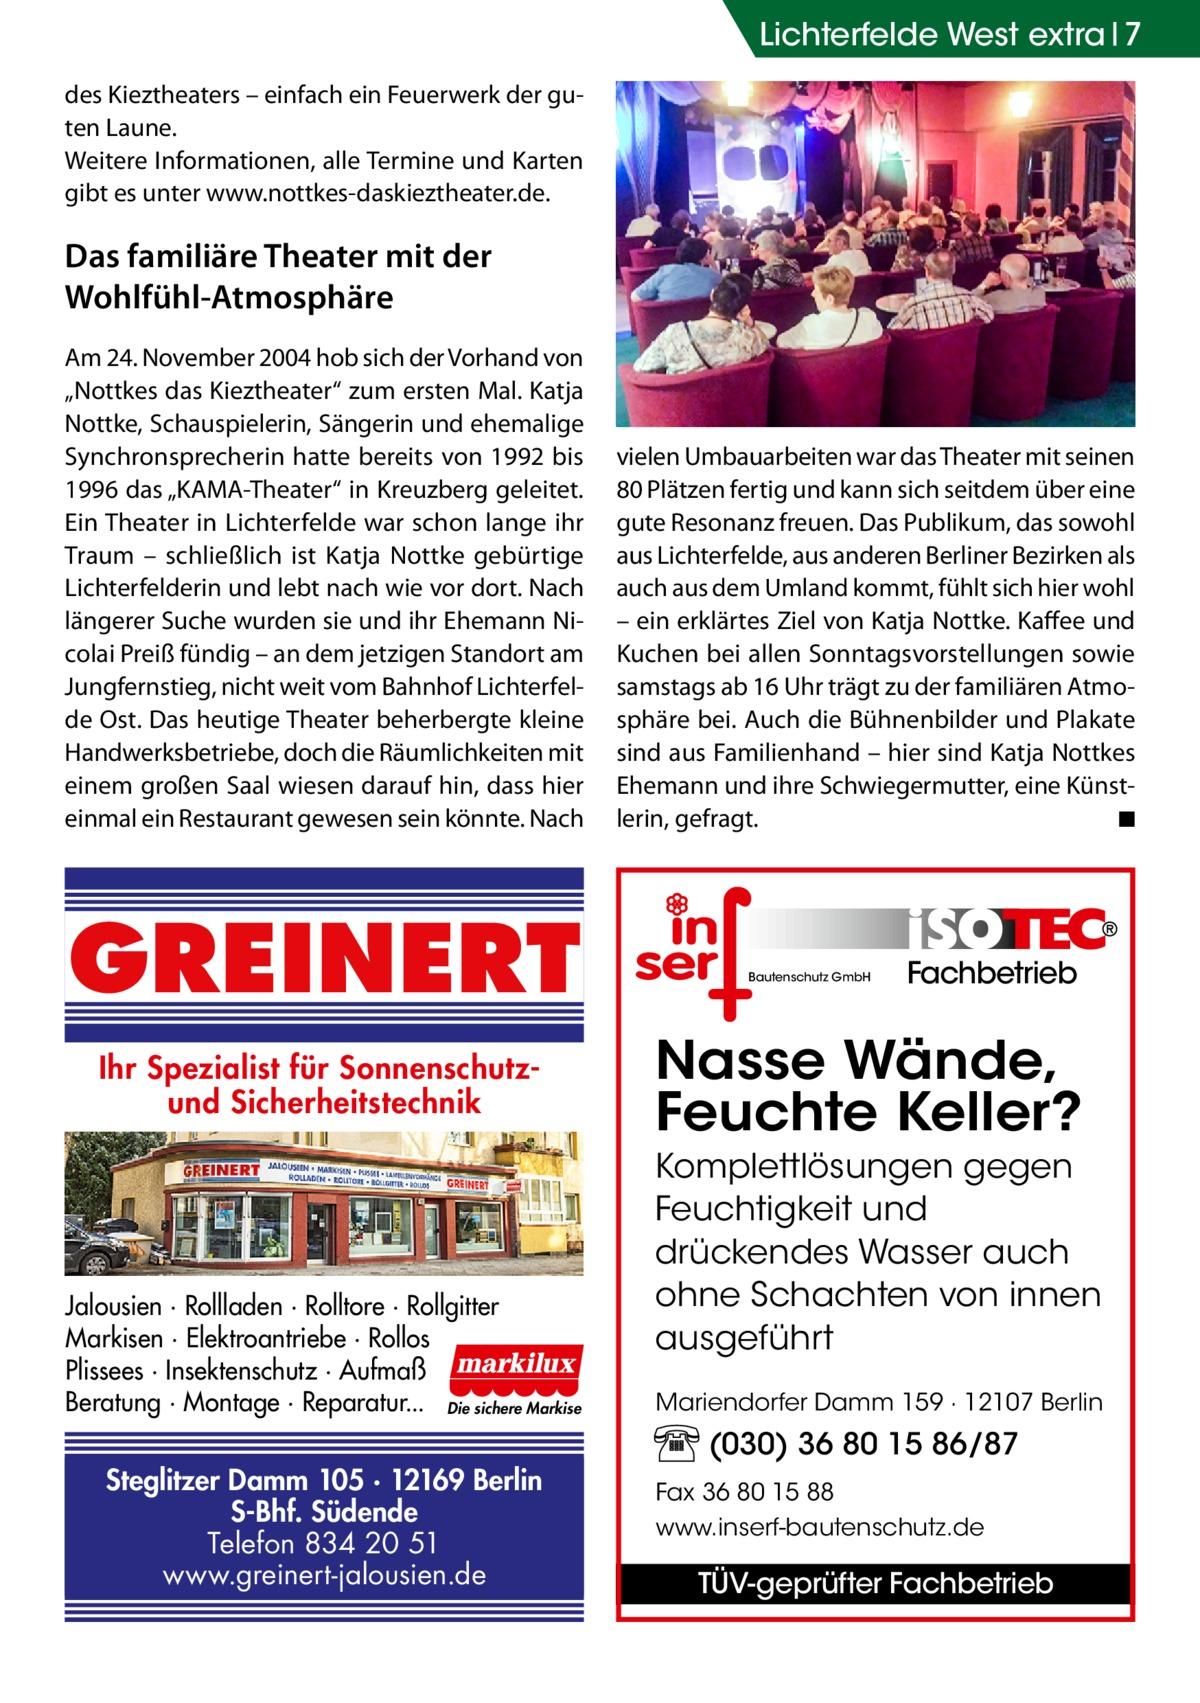 """Lichterfelde West extra 7 des Kieztheaters – einfach ein Feuerwerk der guten Laune. Weitere Informationen, alle Termine und Karten gibt es unter www.nottkes-daskieztheater.de.  Das familiäre Theater mit der Wohlfühl-Atmosphäre Am 24.November 2004 hob sich der Vorhand von """"Nottkes das Kieztheater"""" zum ersten Mal. Katja Nottke, Schauspielerin, Sängerin und ehemalige Synchronsprecherin hatte bereits von 1992 bis 1996 das """"KAMA-Theater"""" in Kreuzberg geleitet. Ein Theater in Lichterfelde war schon lange ihr Traum – schließlich ist Katja Nottke gebürtige Lichterfelderin und lebt nach wie vor dort. Nach längerer Suche wurden sie und ihr Ehemann Nicolai Preiß fündig – an dem jetzigen Standort am Jungfernstieg, nicht weit vom Bahnhof Lichterfelde Ost. Das heutige Theater beherbergte kleine Handwerksbetriebe, doch die Räumlichkeiten mit einem großen Saal wiesen darauf hin, dass hier einmal ein Restaurant gewesen sein könnte. Nach  GREINERT Ihr Spezialist für Sonnenschutzund Sicherheitstechnik  Jalousien · Rollladen · Rolltore · Rollgitter Markisen · Elektroantriebe · Rollos Plissees · Insektenschutz · Aufmaß Beratung · Montage · Reparatur... Die sichere Markise  Steglitzer Damm 105 · 12169 Berlin S-Bhf. Südende Telefon 834 20 51 www.greinert-jalousien.de  vielen Umbauarbeiten war das Theater mit seinen 80 Plätzen fertig und kann sich seitdem über eine gute Resonanz freuen. Das Publikum, das sowohl aus Lichterfelde, aus anderen Berliner Bezirken als auch aus dem Umland kommt, fühlt sich hier wohl – ein erklärtes Ziel von Katja Nottke. Kaffee und Kuchen bei allen Sonntagsvorstellungen sowie samstags ab 16Uhr trägt zu der familiären Atmosphäre bei. Auch die Bühnenbilder und Plakate sind aus Familienhand – hier sind Katja Nottkes Ehemann und ihre Schwiegermutter, eine Künstlerin, gefragt. � ◾  Bautenschutz GmbH  Fachbetrieb  Nasse Wände, Feuchte Keller? Komplettlösungen gegen Feuchtigkeit und drückendes Wasser auch ohne Schachten von innen ausgeführt Mariendorfer Damm 159 · 12107"""